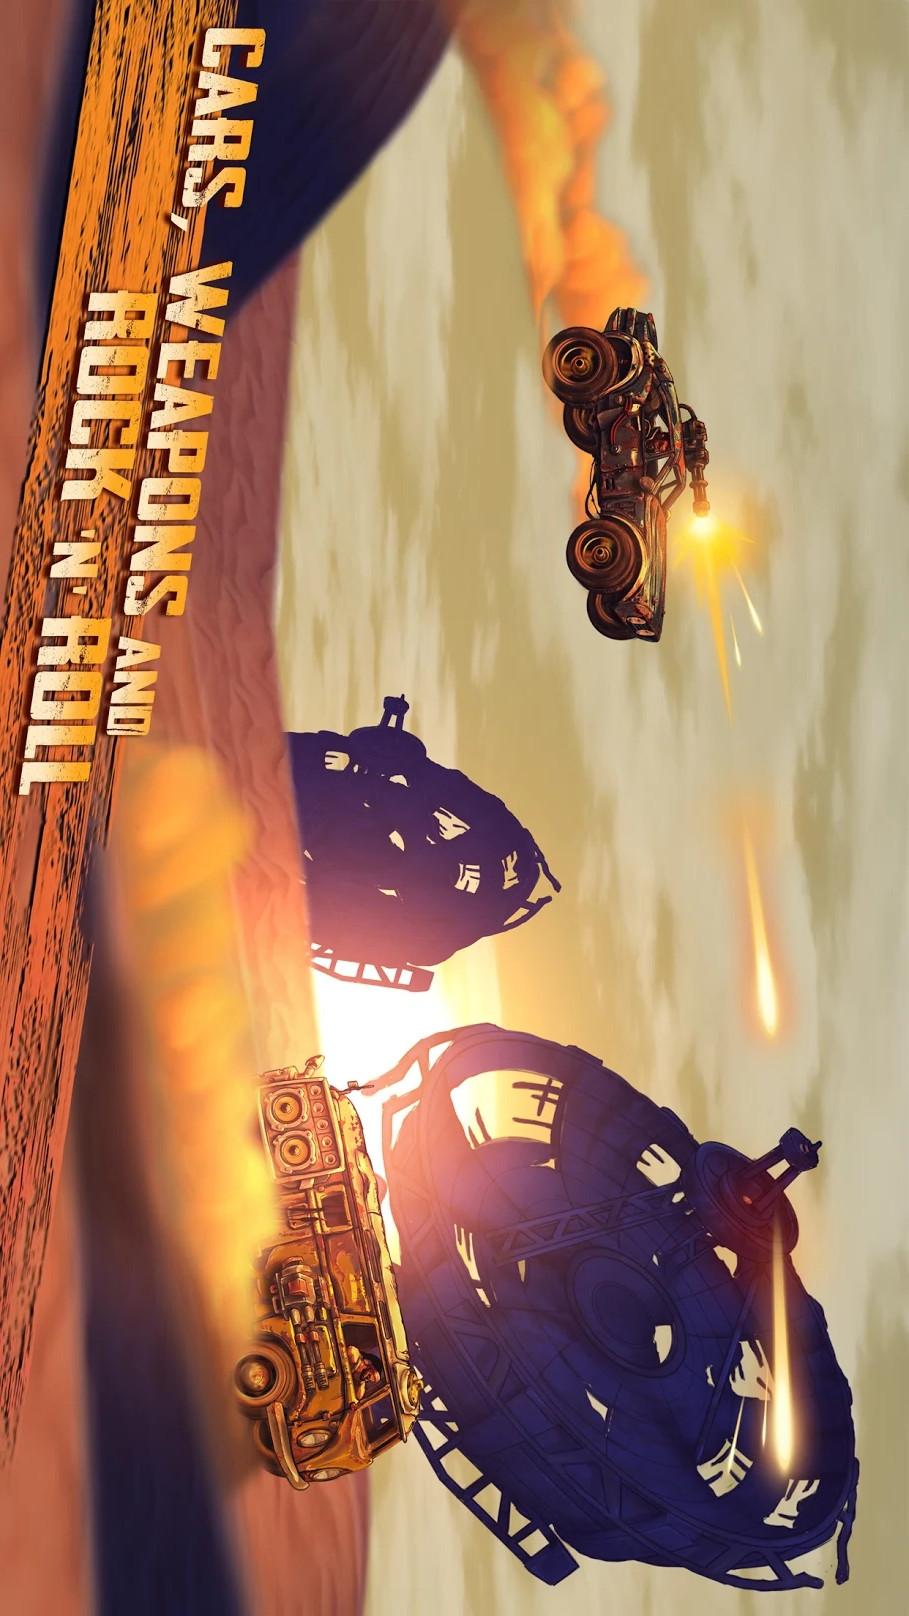 公路勇士:战斗赛车游戏截图